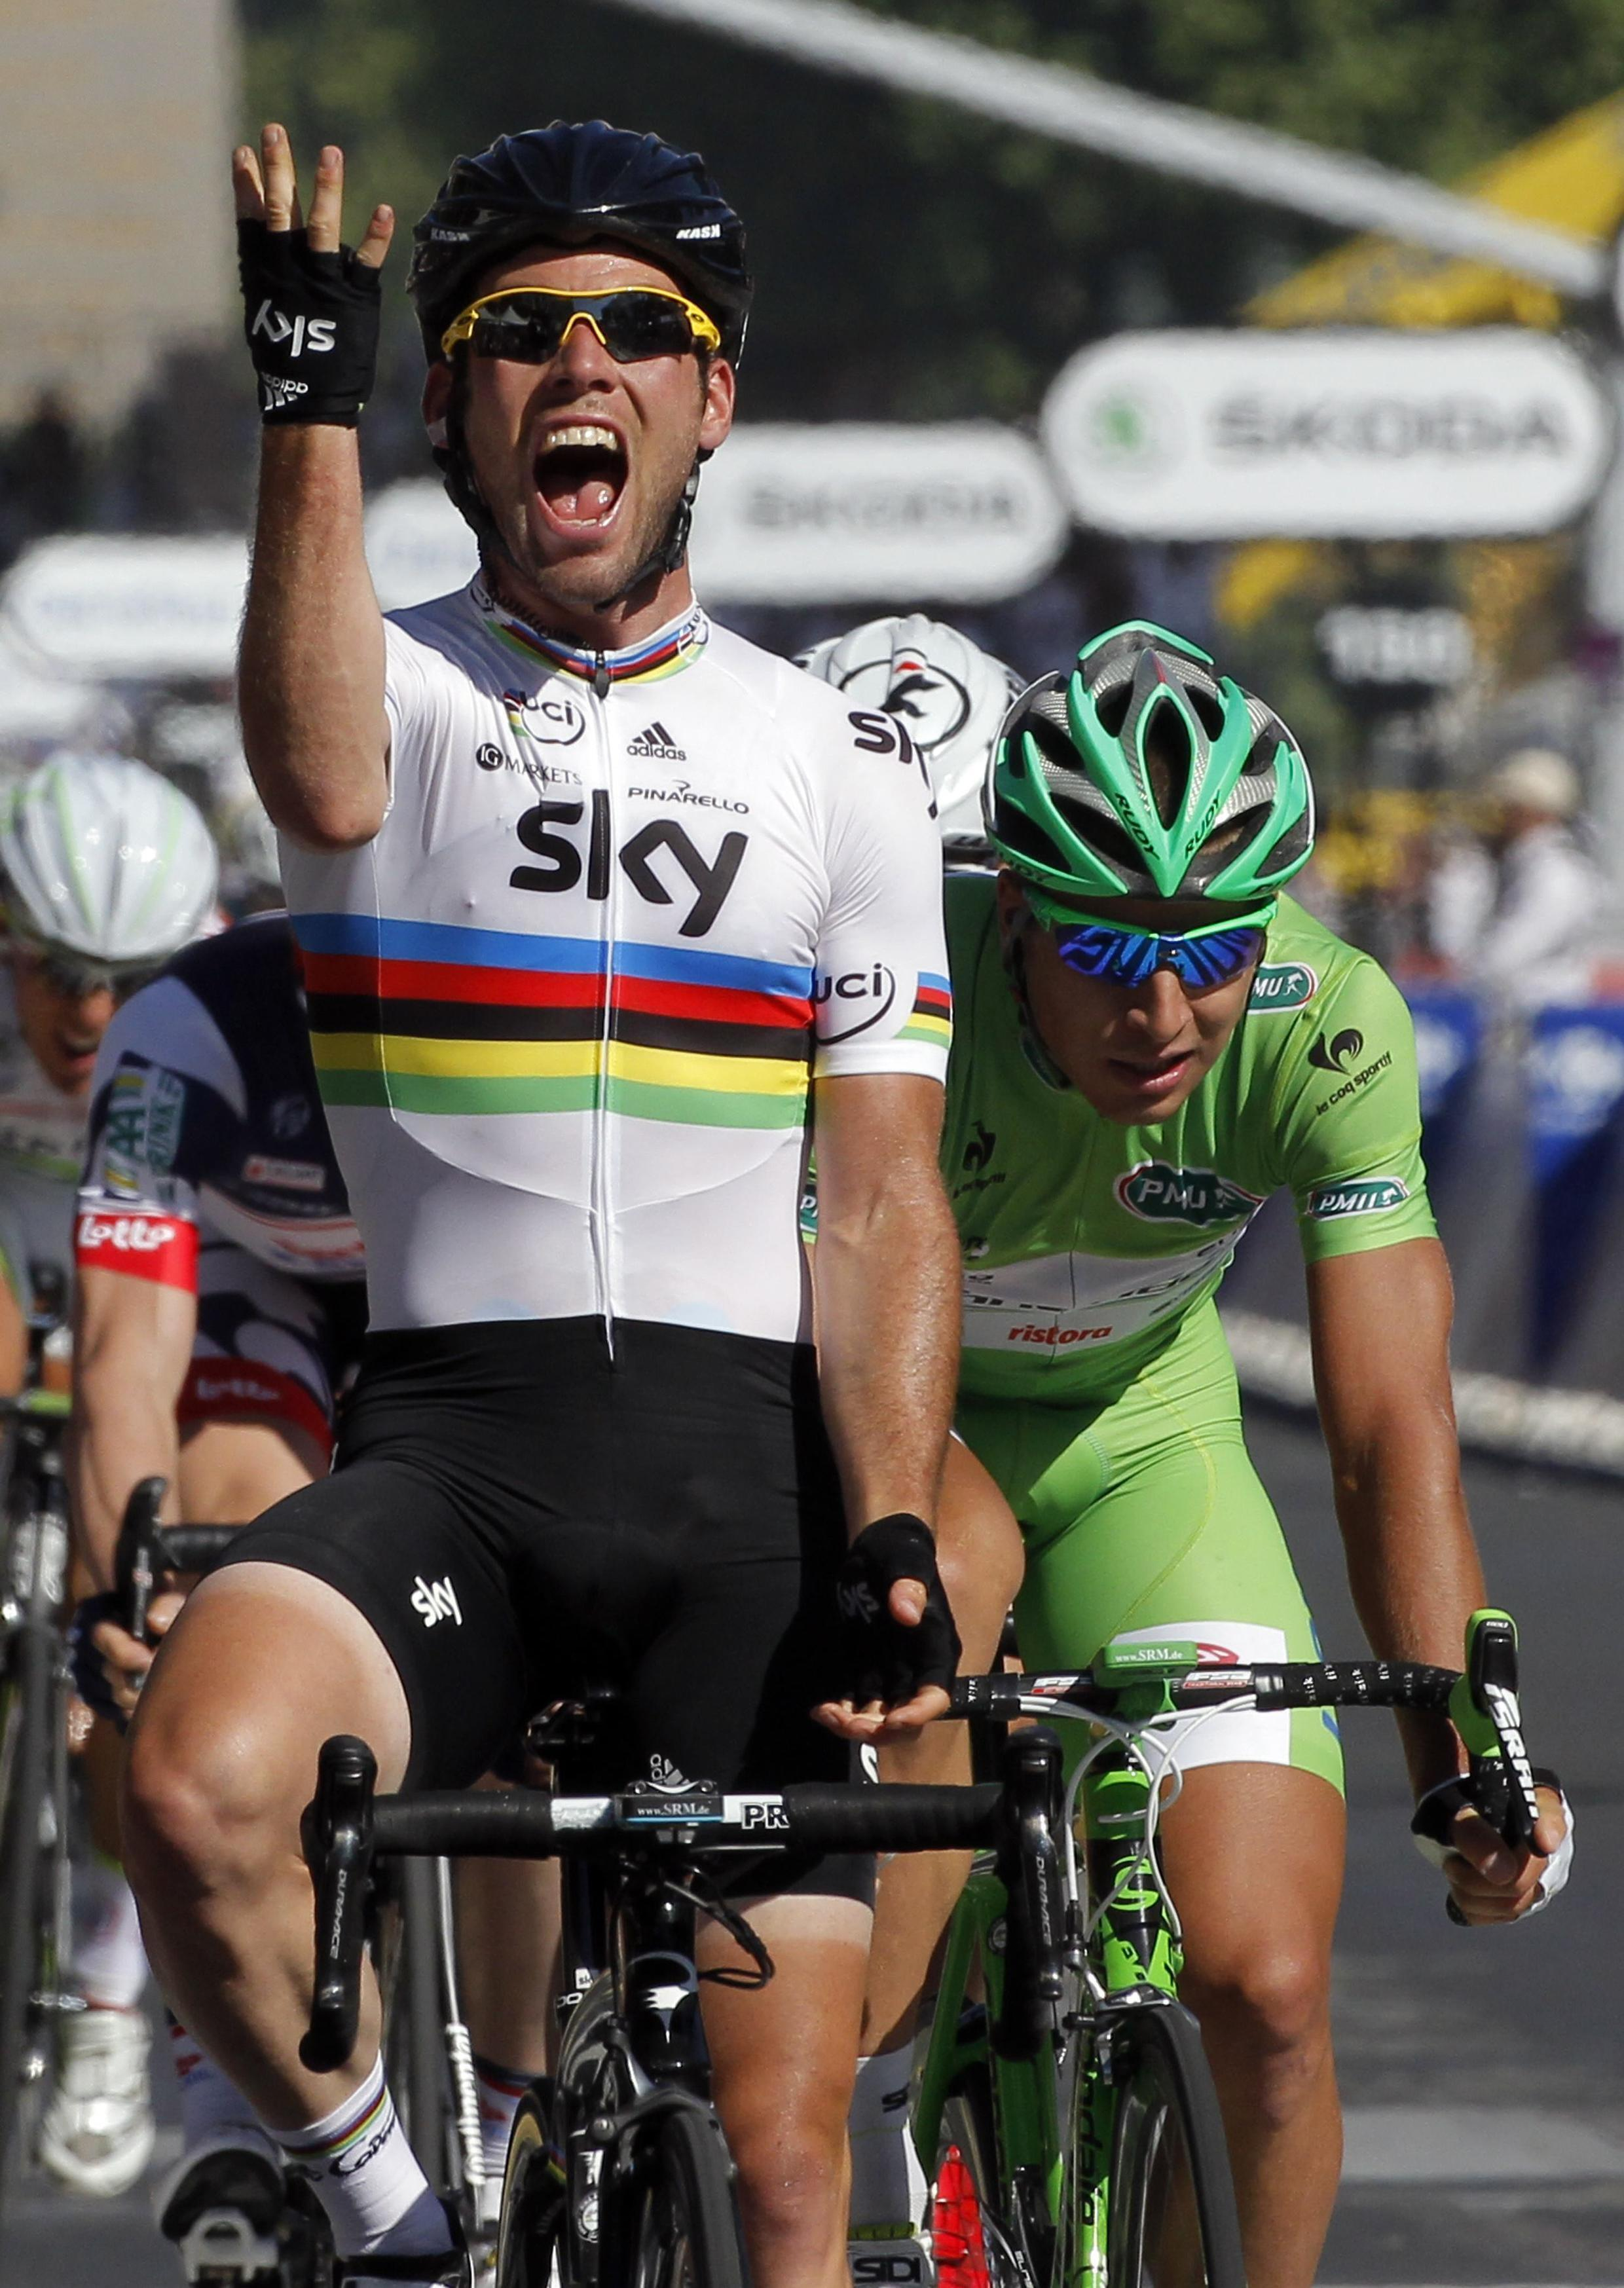 Le Britannique Mark Cavendish a remporté la dernière étape du Tour de France 2012 sur les Champs-Elysées.